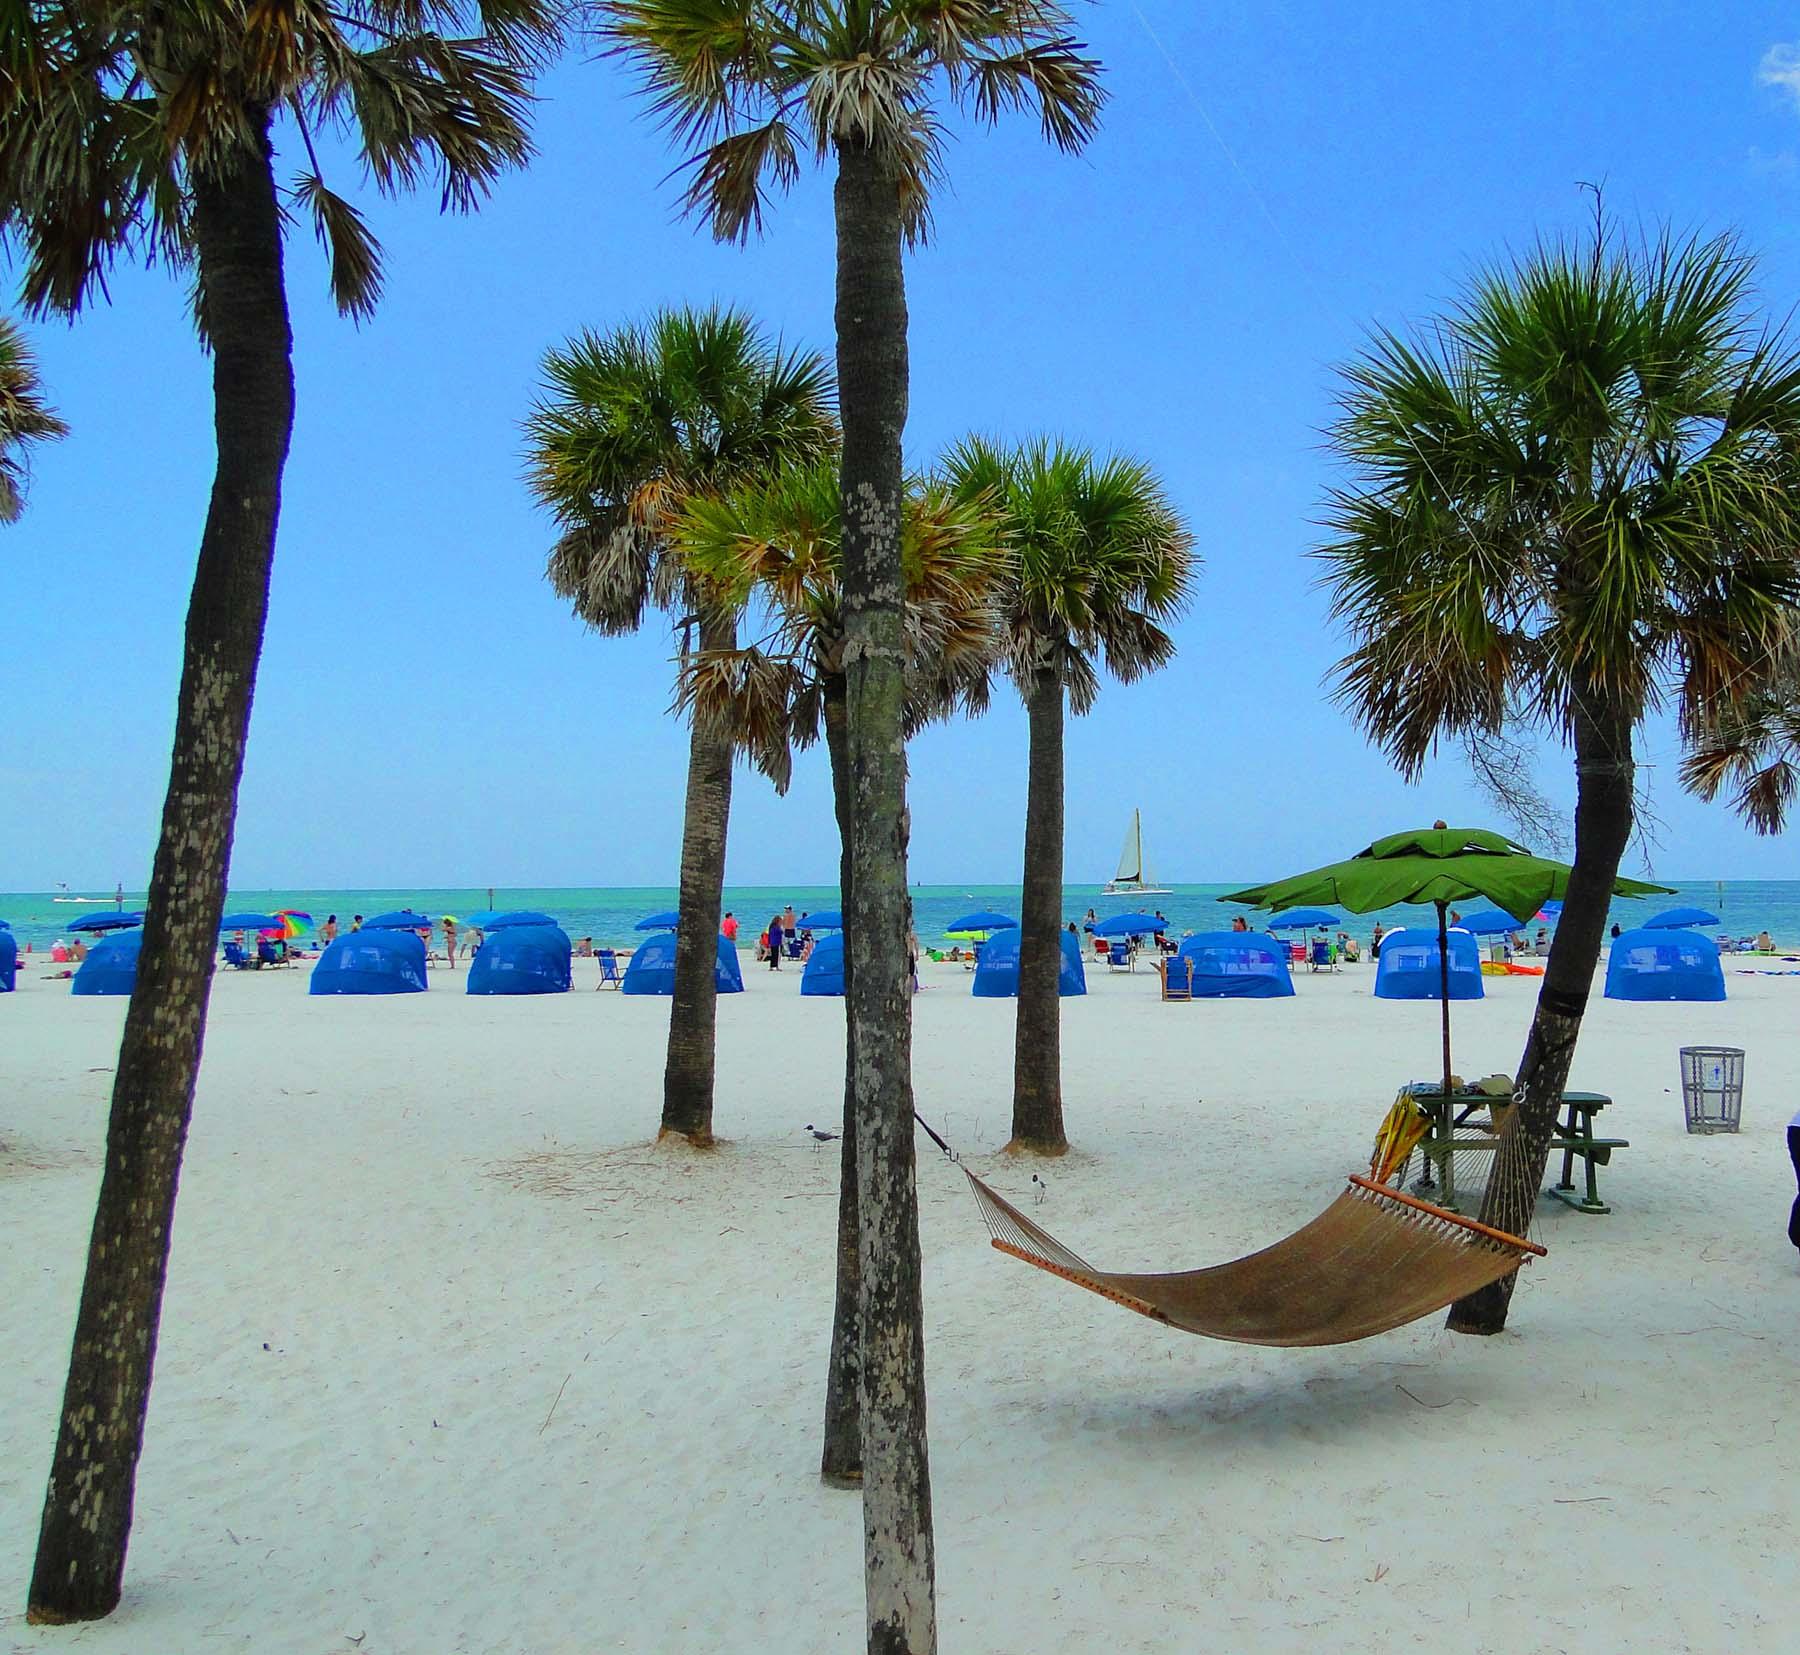 Clearwater Beach, Costa Oeste da Flórida, EUA